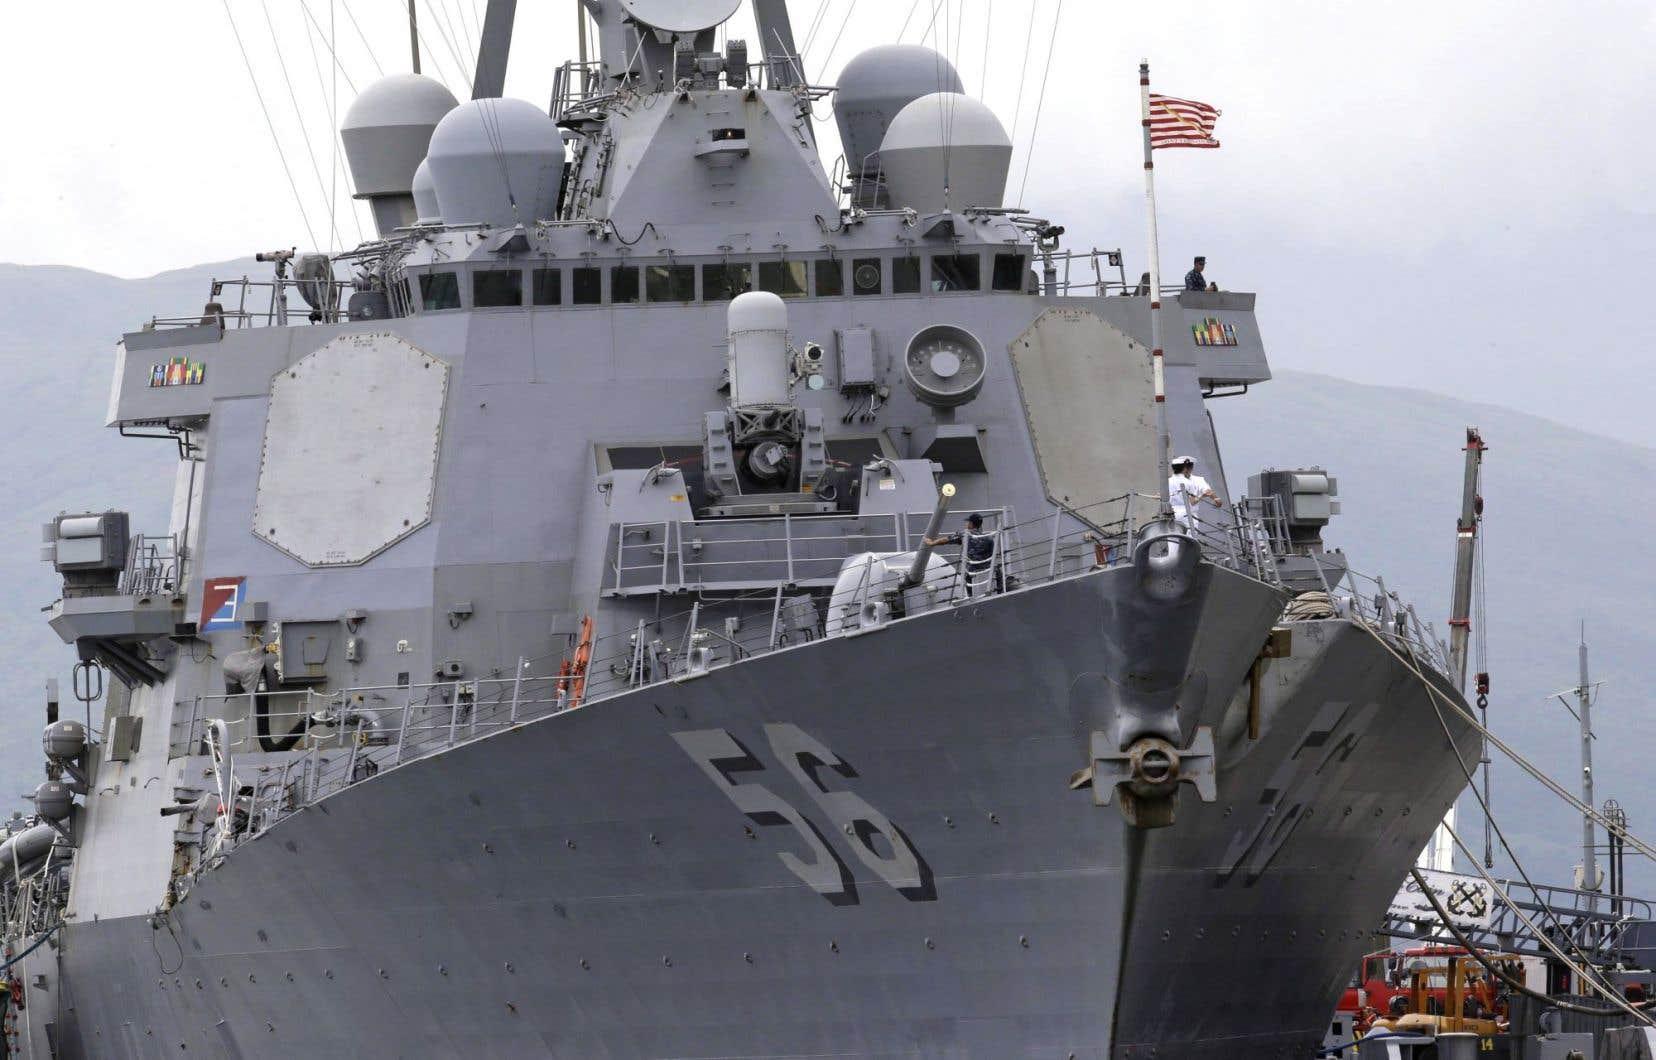 La marine américaine prévoit dépenser 2,5 milliards pour moderniser ses réseaux de communication. CGI a été choisie pour offrir ses services.